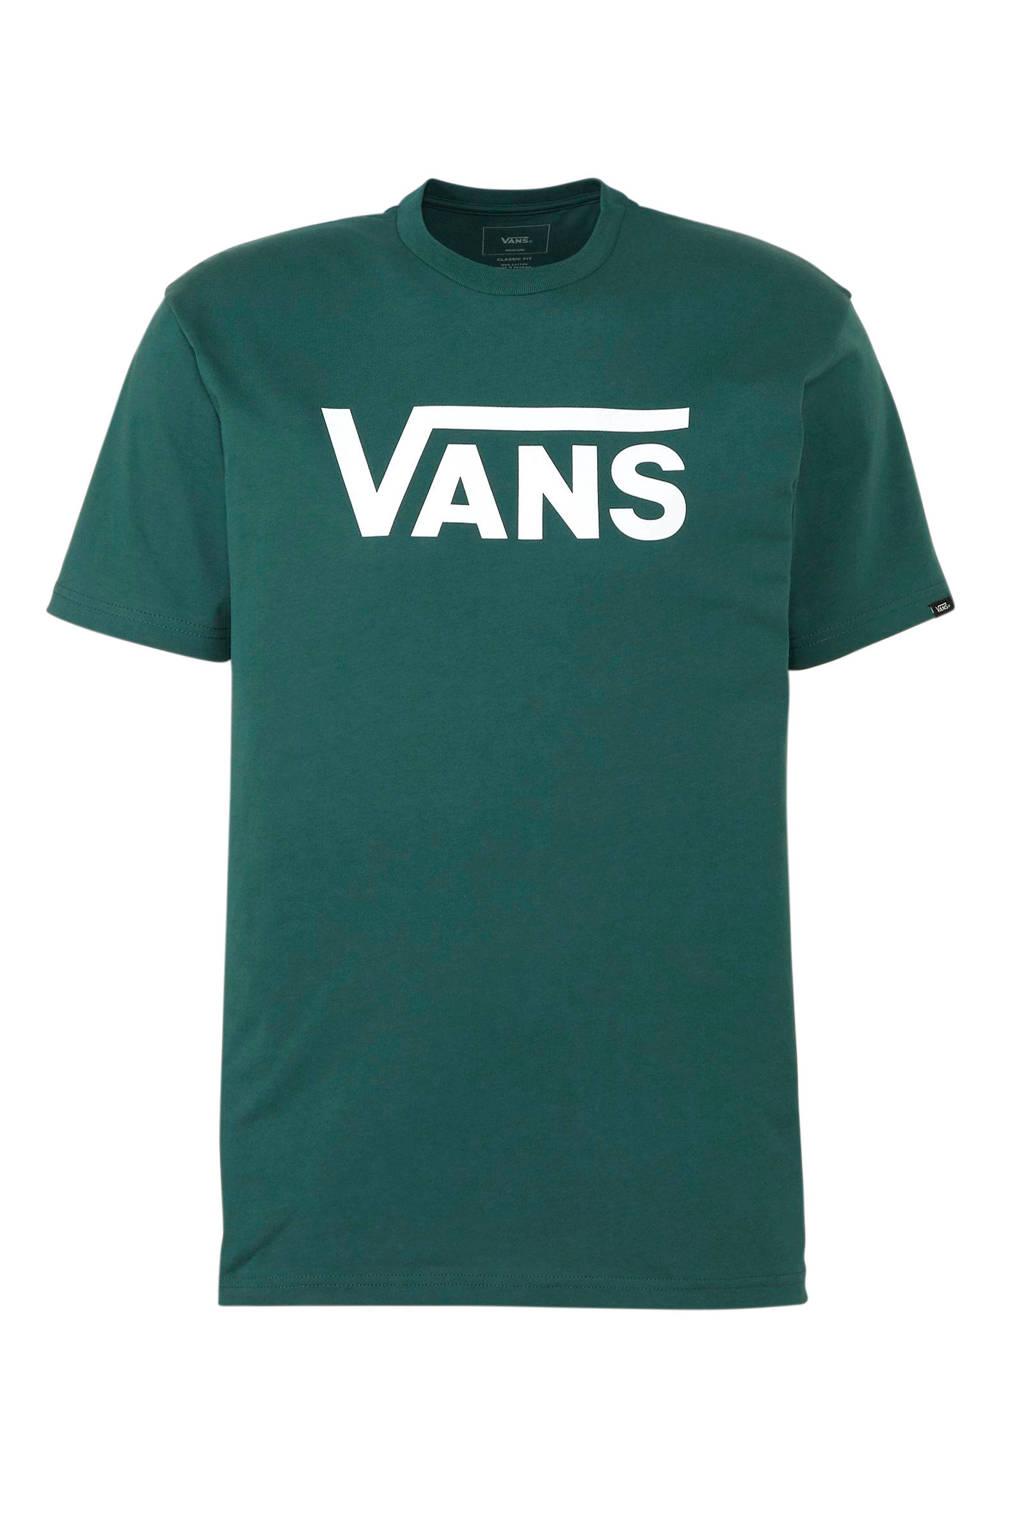 VANS   T-shirt donkergroen, Donkergroen